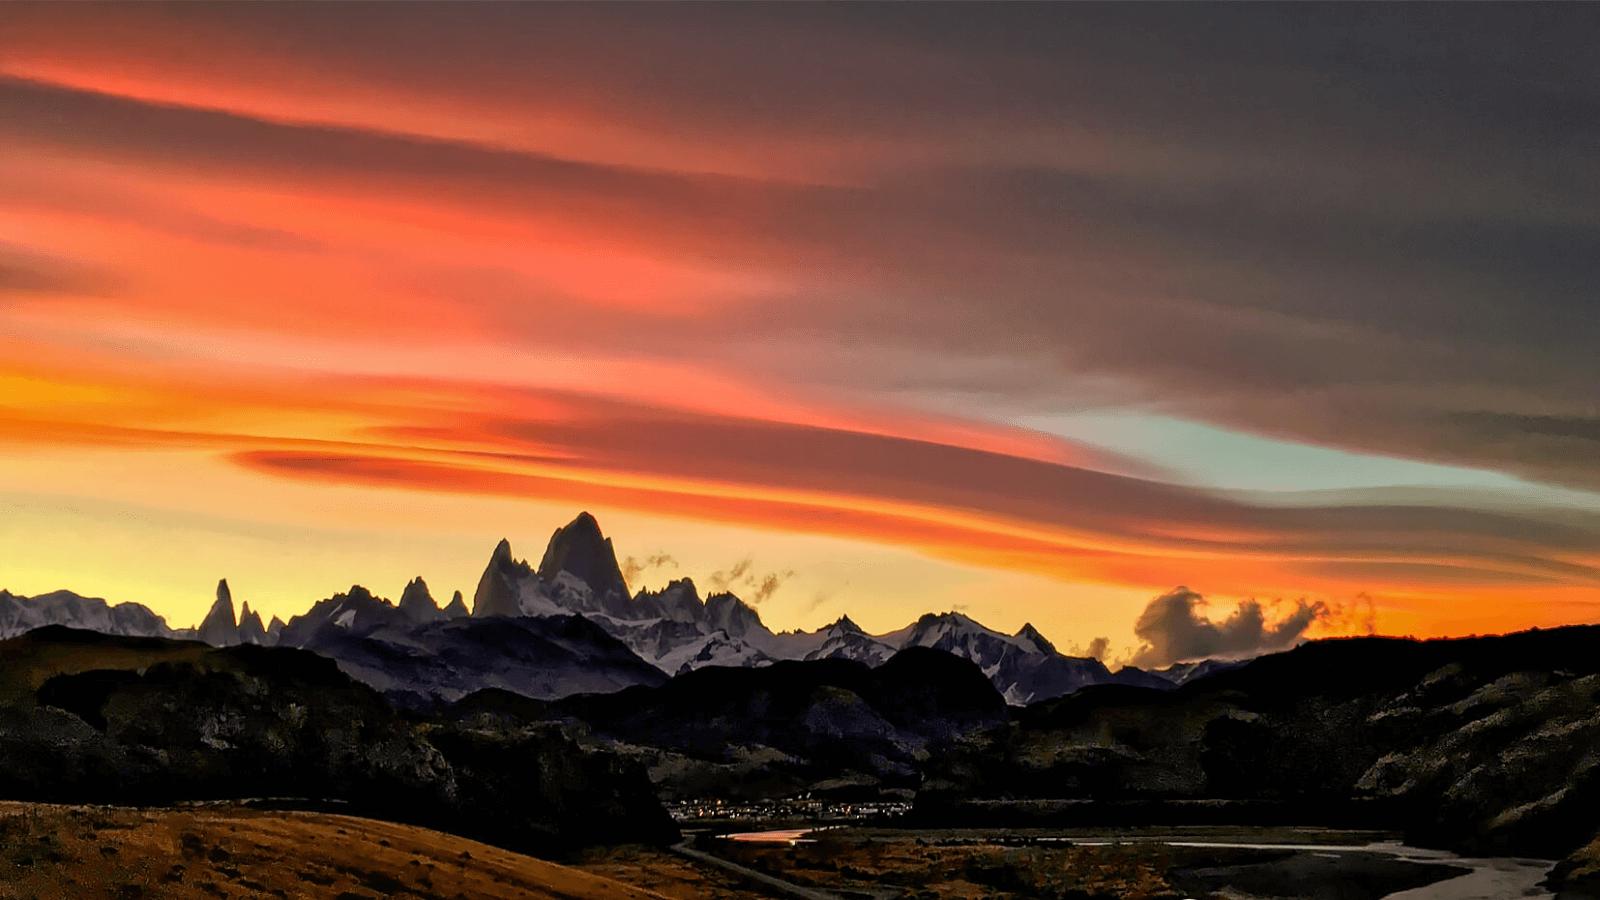 Cuáles son los requisitos para viajar a El Chaltén en vacaciones de invierno